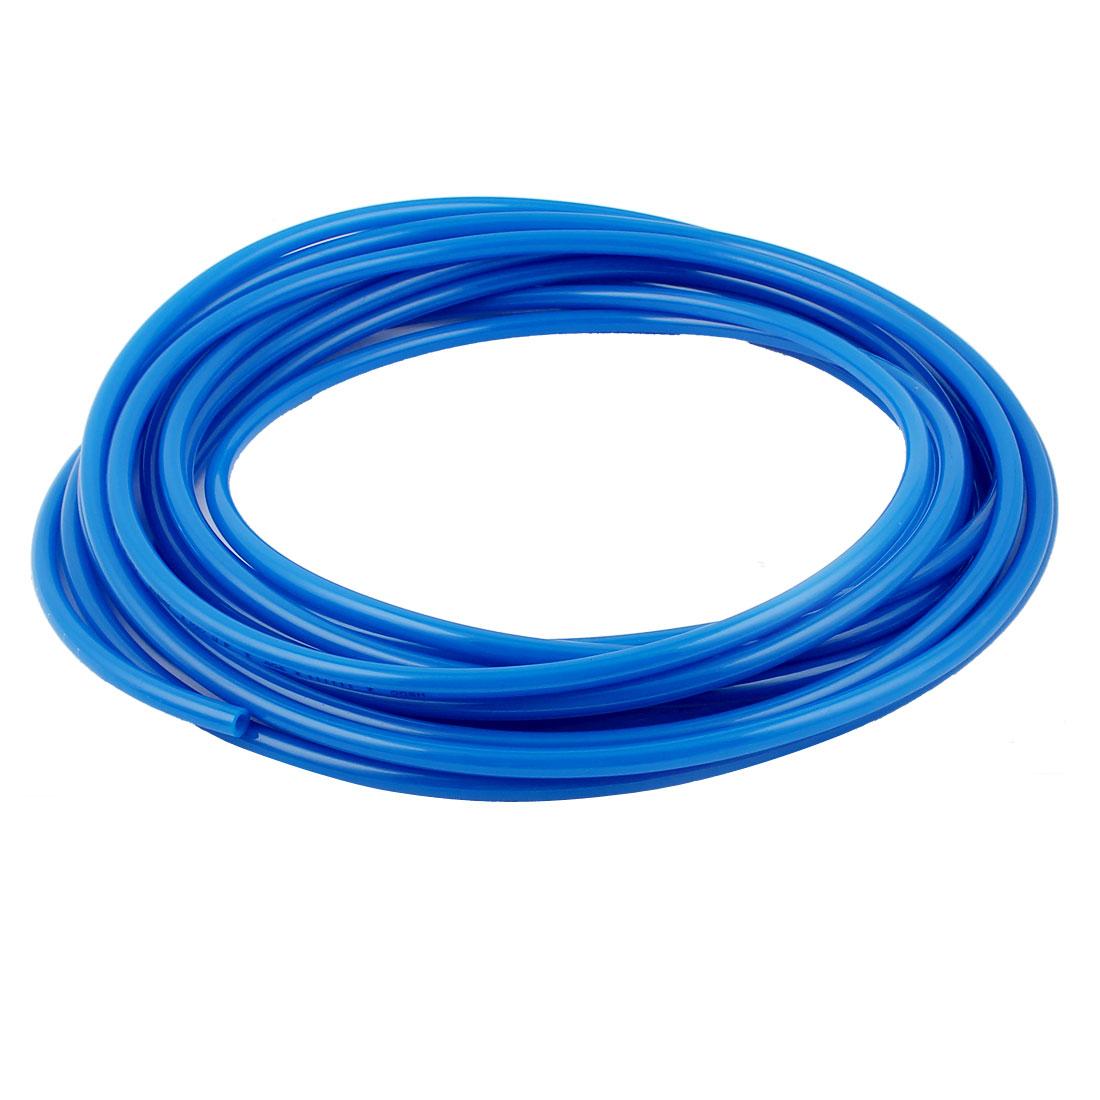 8mm x 5mm Pneumatic Air Compressor Tubing PU Hose Tube Pipe 10.3m Blue